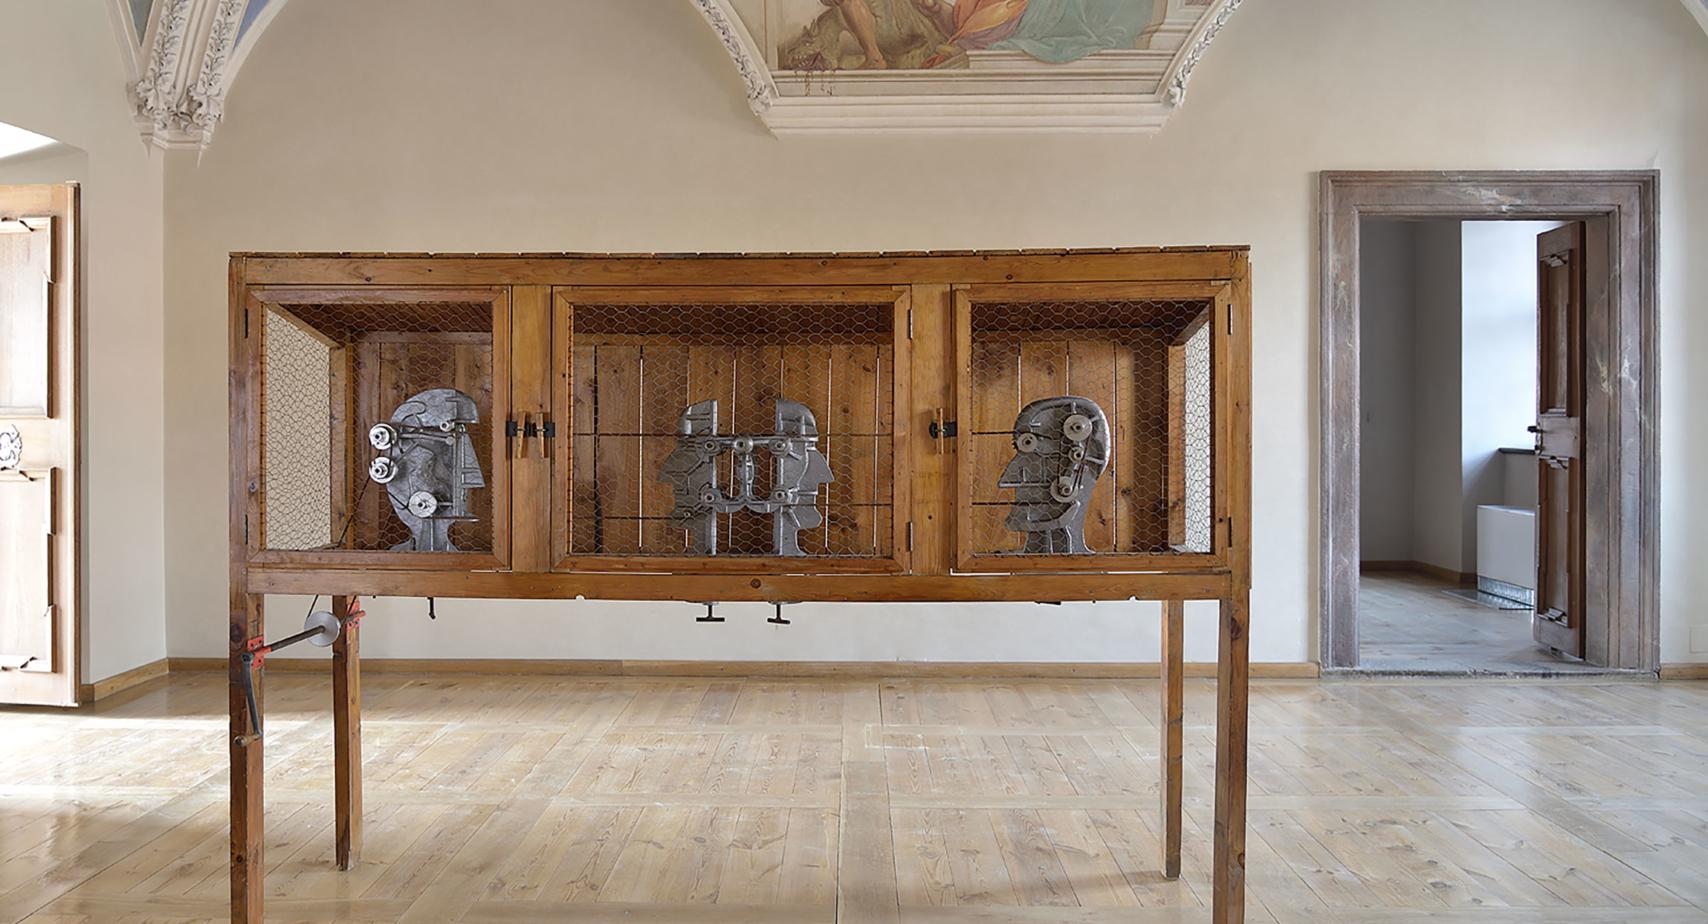 Nejista_Sezona_06_Karel Nepraš, Přepadení králíkárny, 1968–70, kombinovaná technika, 180 × 248 × 70 cm